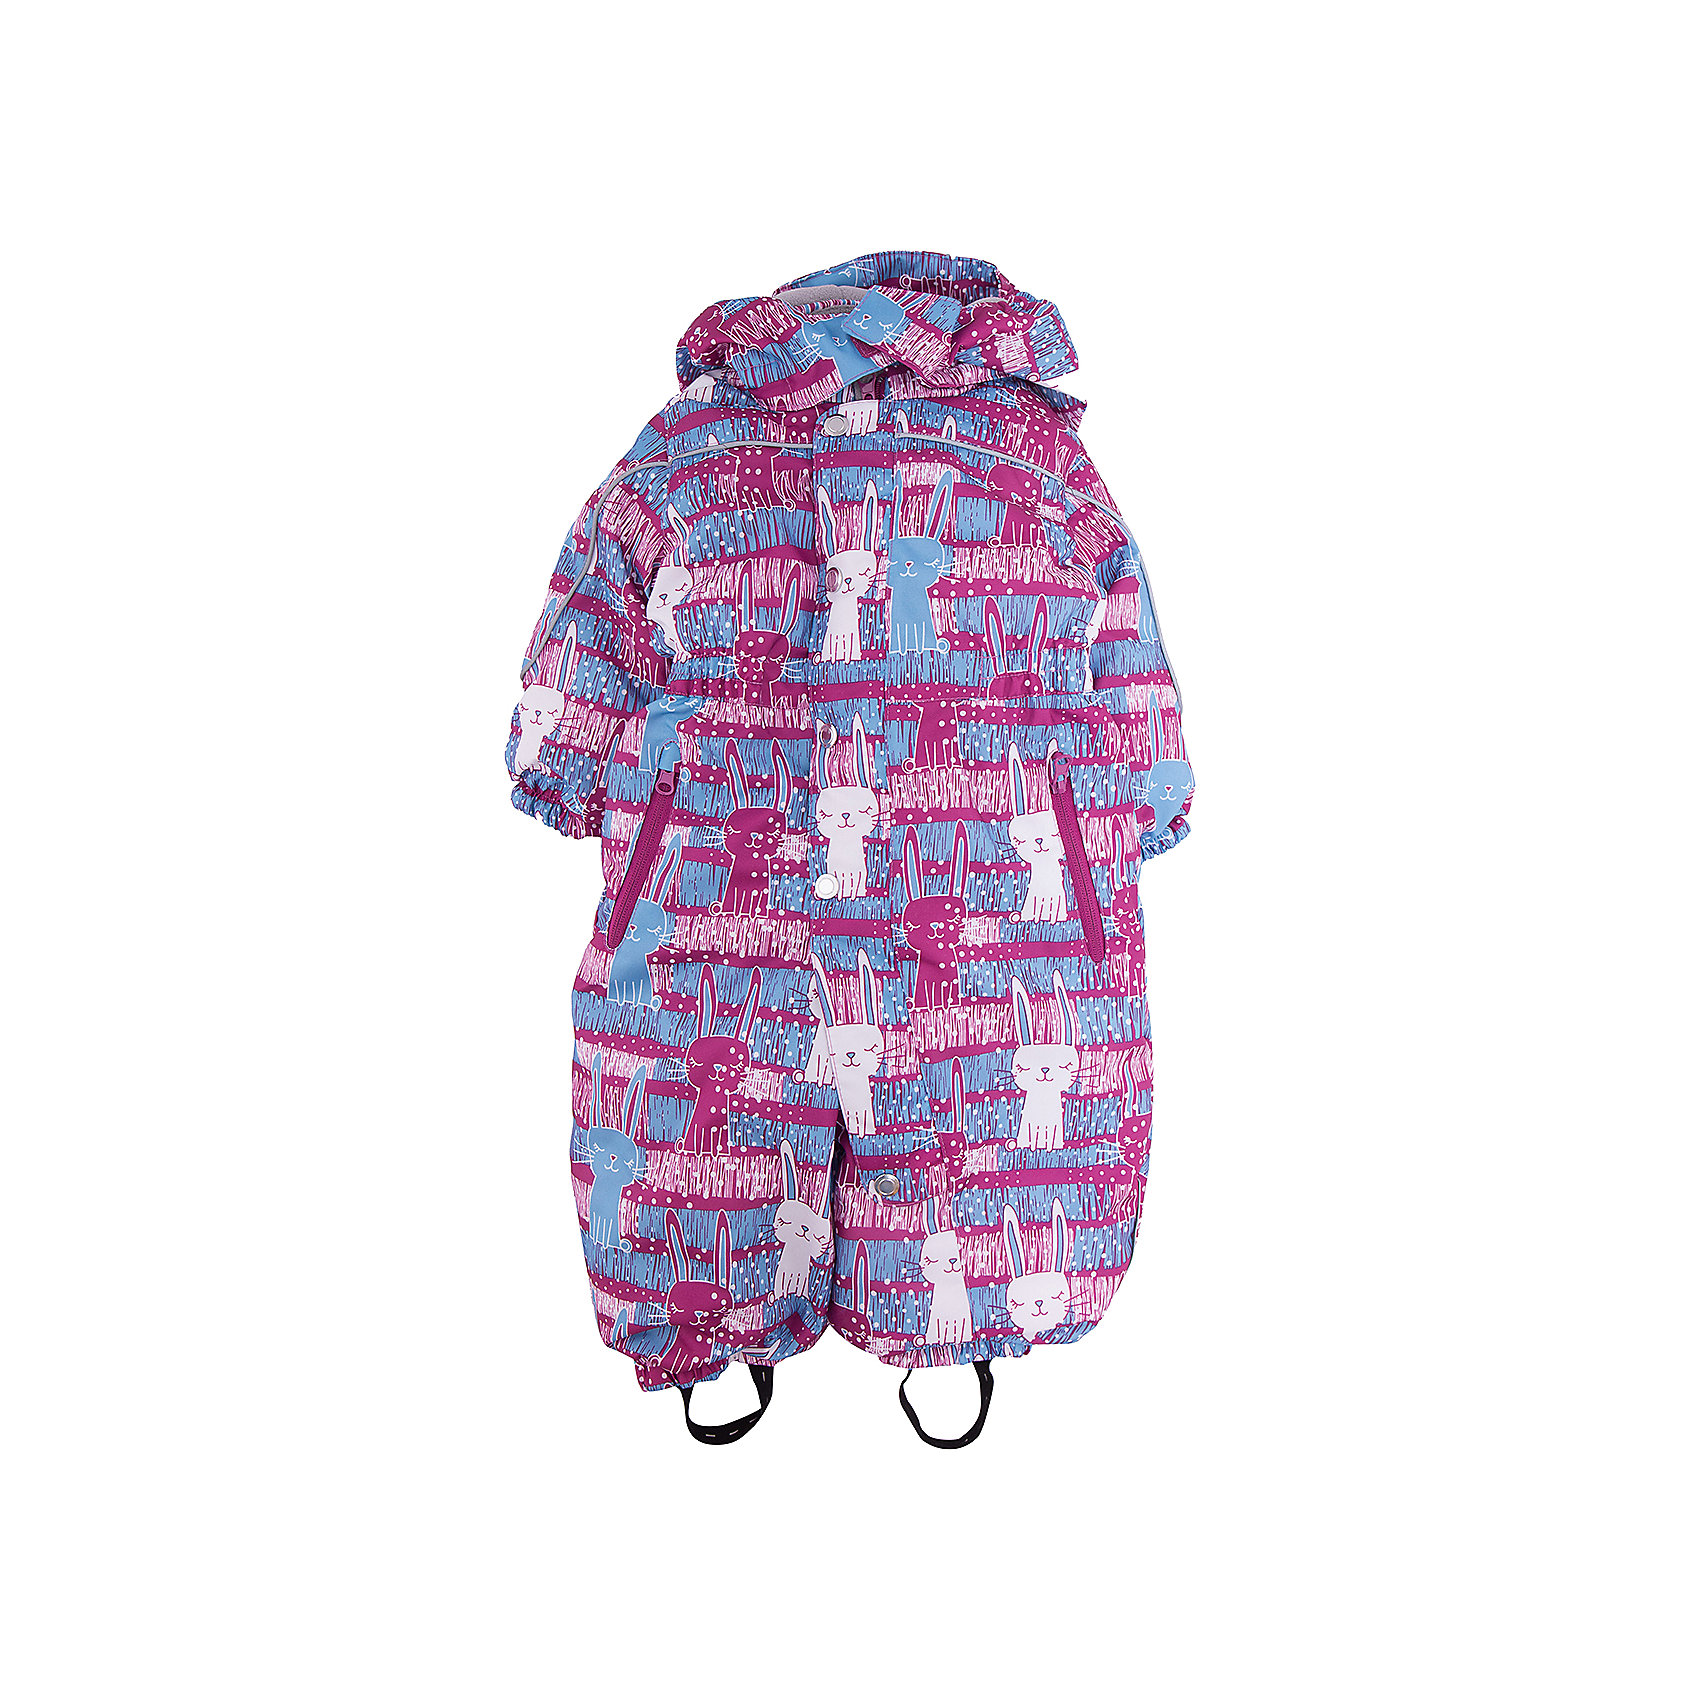 Комбинезон Ленни OLDOS для девочкиВерхняя одежда<br>Характеристики товара:<br><br>• цвет: розовый<br>• состав ткани: полиэстер<br>• подкладка: флис, гладкий полиэстер<br>• утеплитель: Hollofan <br>• сезон: зима<br>• мембранное покрытие<br>• температурный режим: от -30 до 0<br>• водонепроницаемость: 2000 мм <br>• паропроницаемость: 2000 г/м2<br>• плотность утеплителя: 300 г/м2<br>• застежка: молния<br>• капюшон: без меха, съемный<br>• силиконовые штрипки<br>• страна бренда: Россия<br>• страна изготовитель: Россия<br><br>Зимний комбинезон благодаря мембранной технологии рассчитан даже на сильные морозы. Модный и практичный комбинезон от бренда Oldos отличается прочным верхом и теплым легким наполнителем. Этот детский комбинезон хорошо защищает от ветра и снега. Зимний комбинезон дополнен съемными эластичными штрипками. <br><br>Комбинезон Ленни Oldos (Олдос) для девочки можно купить в нашем интернет-магазине.<br><br>Ширина мм: 356<br>Глубина мм: 10<br>Высота мм: 245<br>Вес г: 519<br>Цвет: розовый<br>Возраст от месяцев: 18<br>Возраст до месяцев: 24<br>Пол: Женский<br>Возраст: Детский<br>Размер: 92,80,86<br>SKU: 7016312